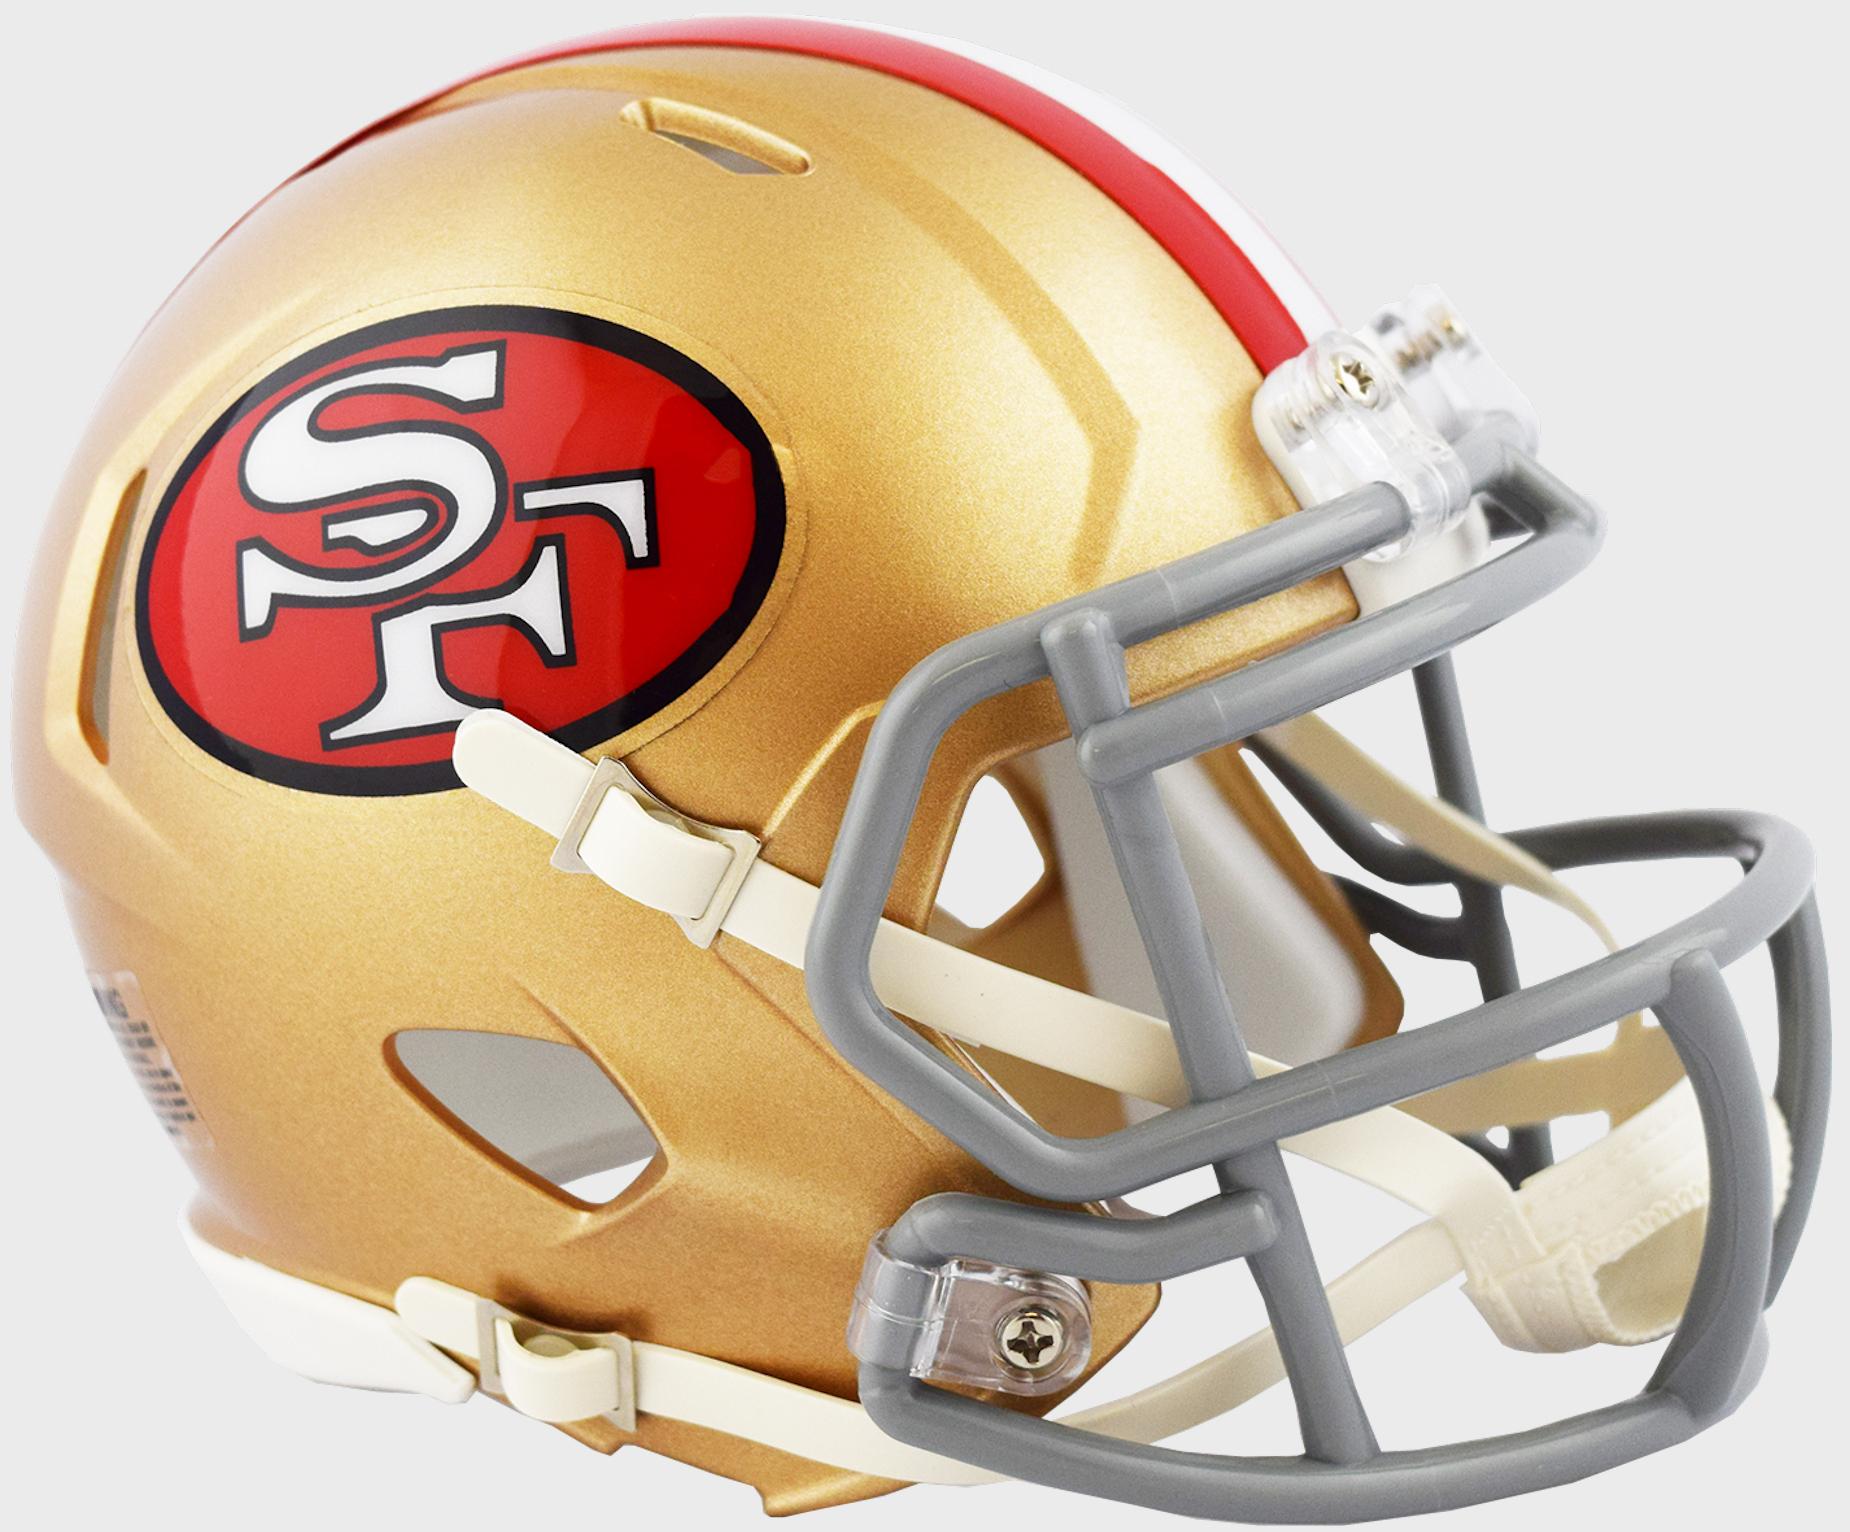 San Francisco 49ers NFL Mini Speed Football Helmet <B>2018 Tribute</B>